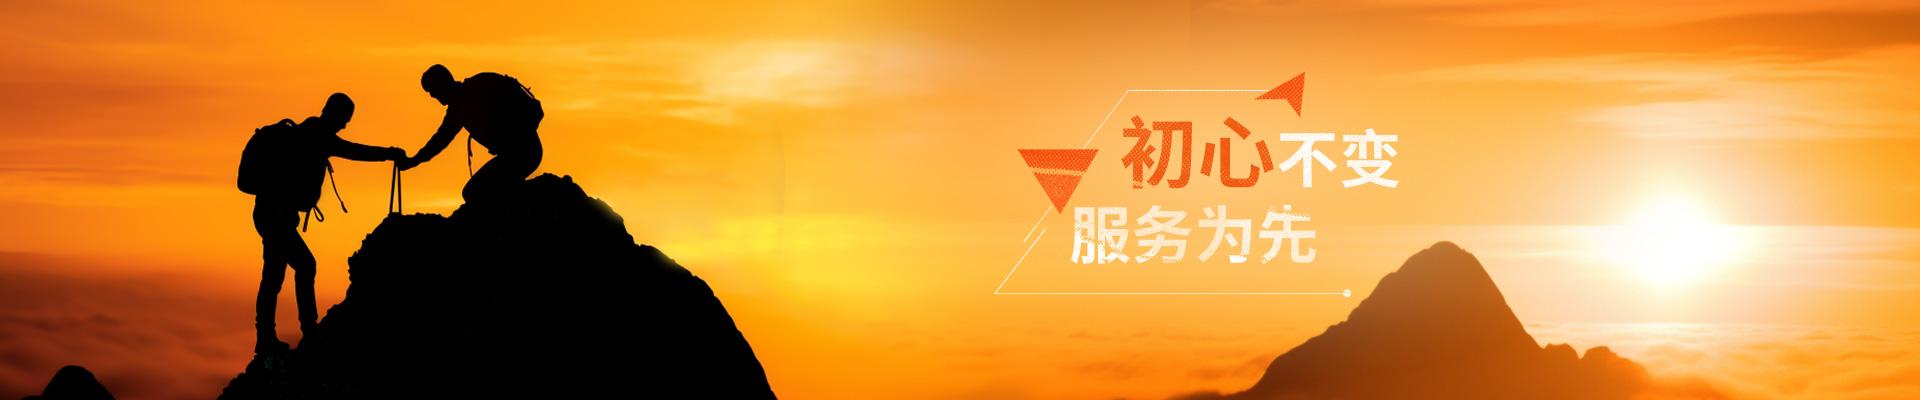 上海軒轅展覽服務有限公司公司介紹